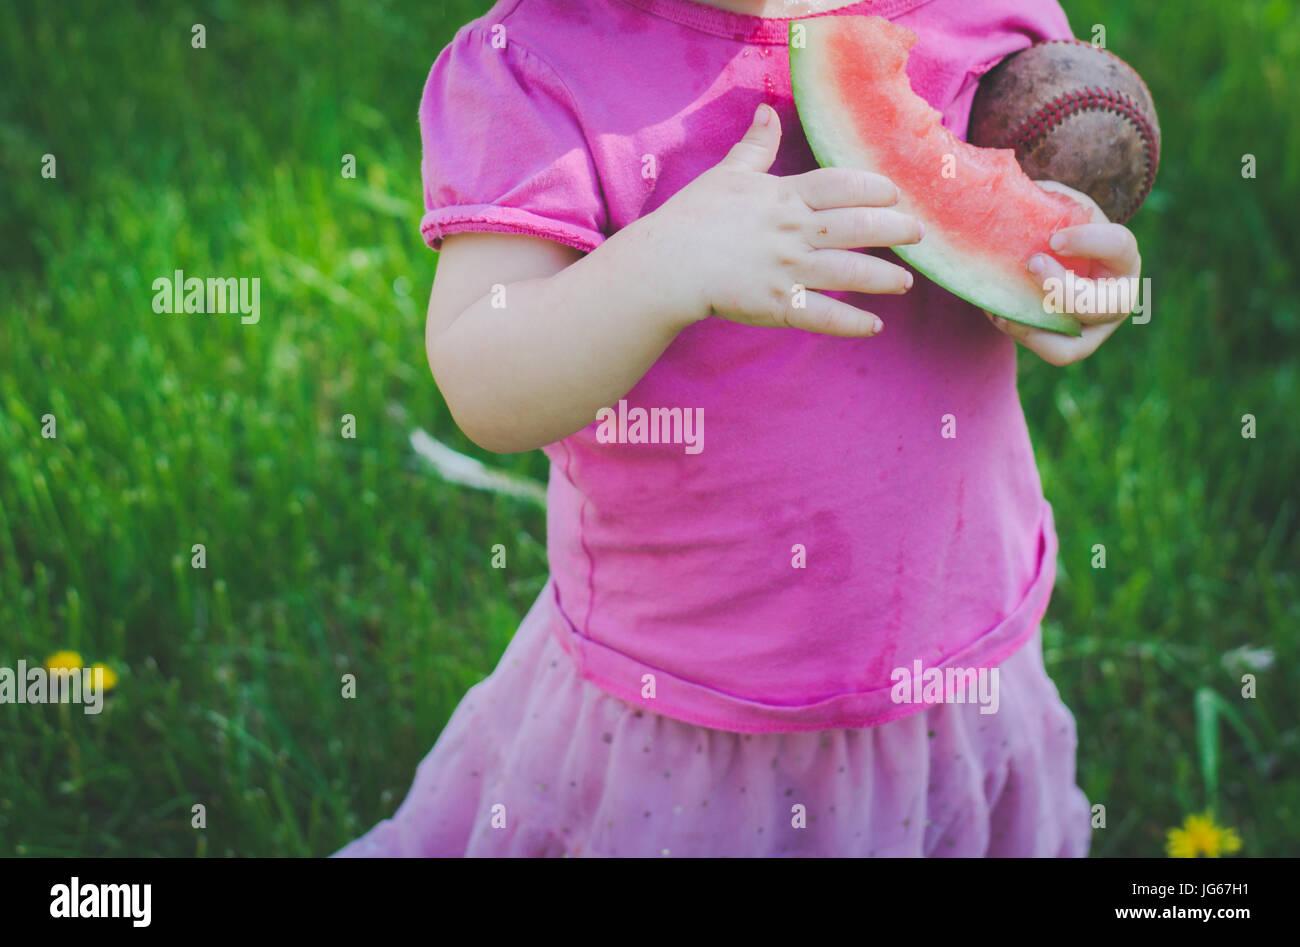 Ein junges Mädchen isst eine Wassermelone und hält einen Baseball im Sommer Stockbild